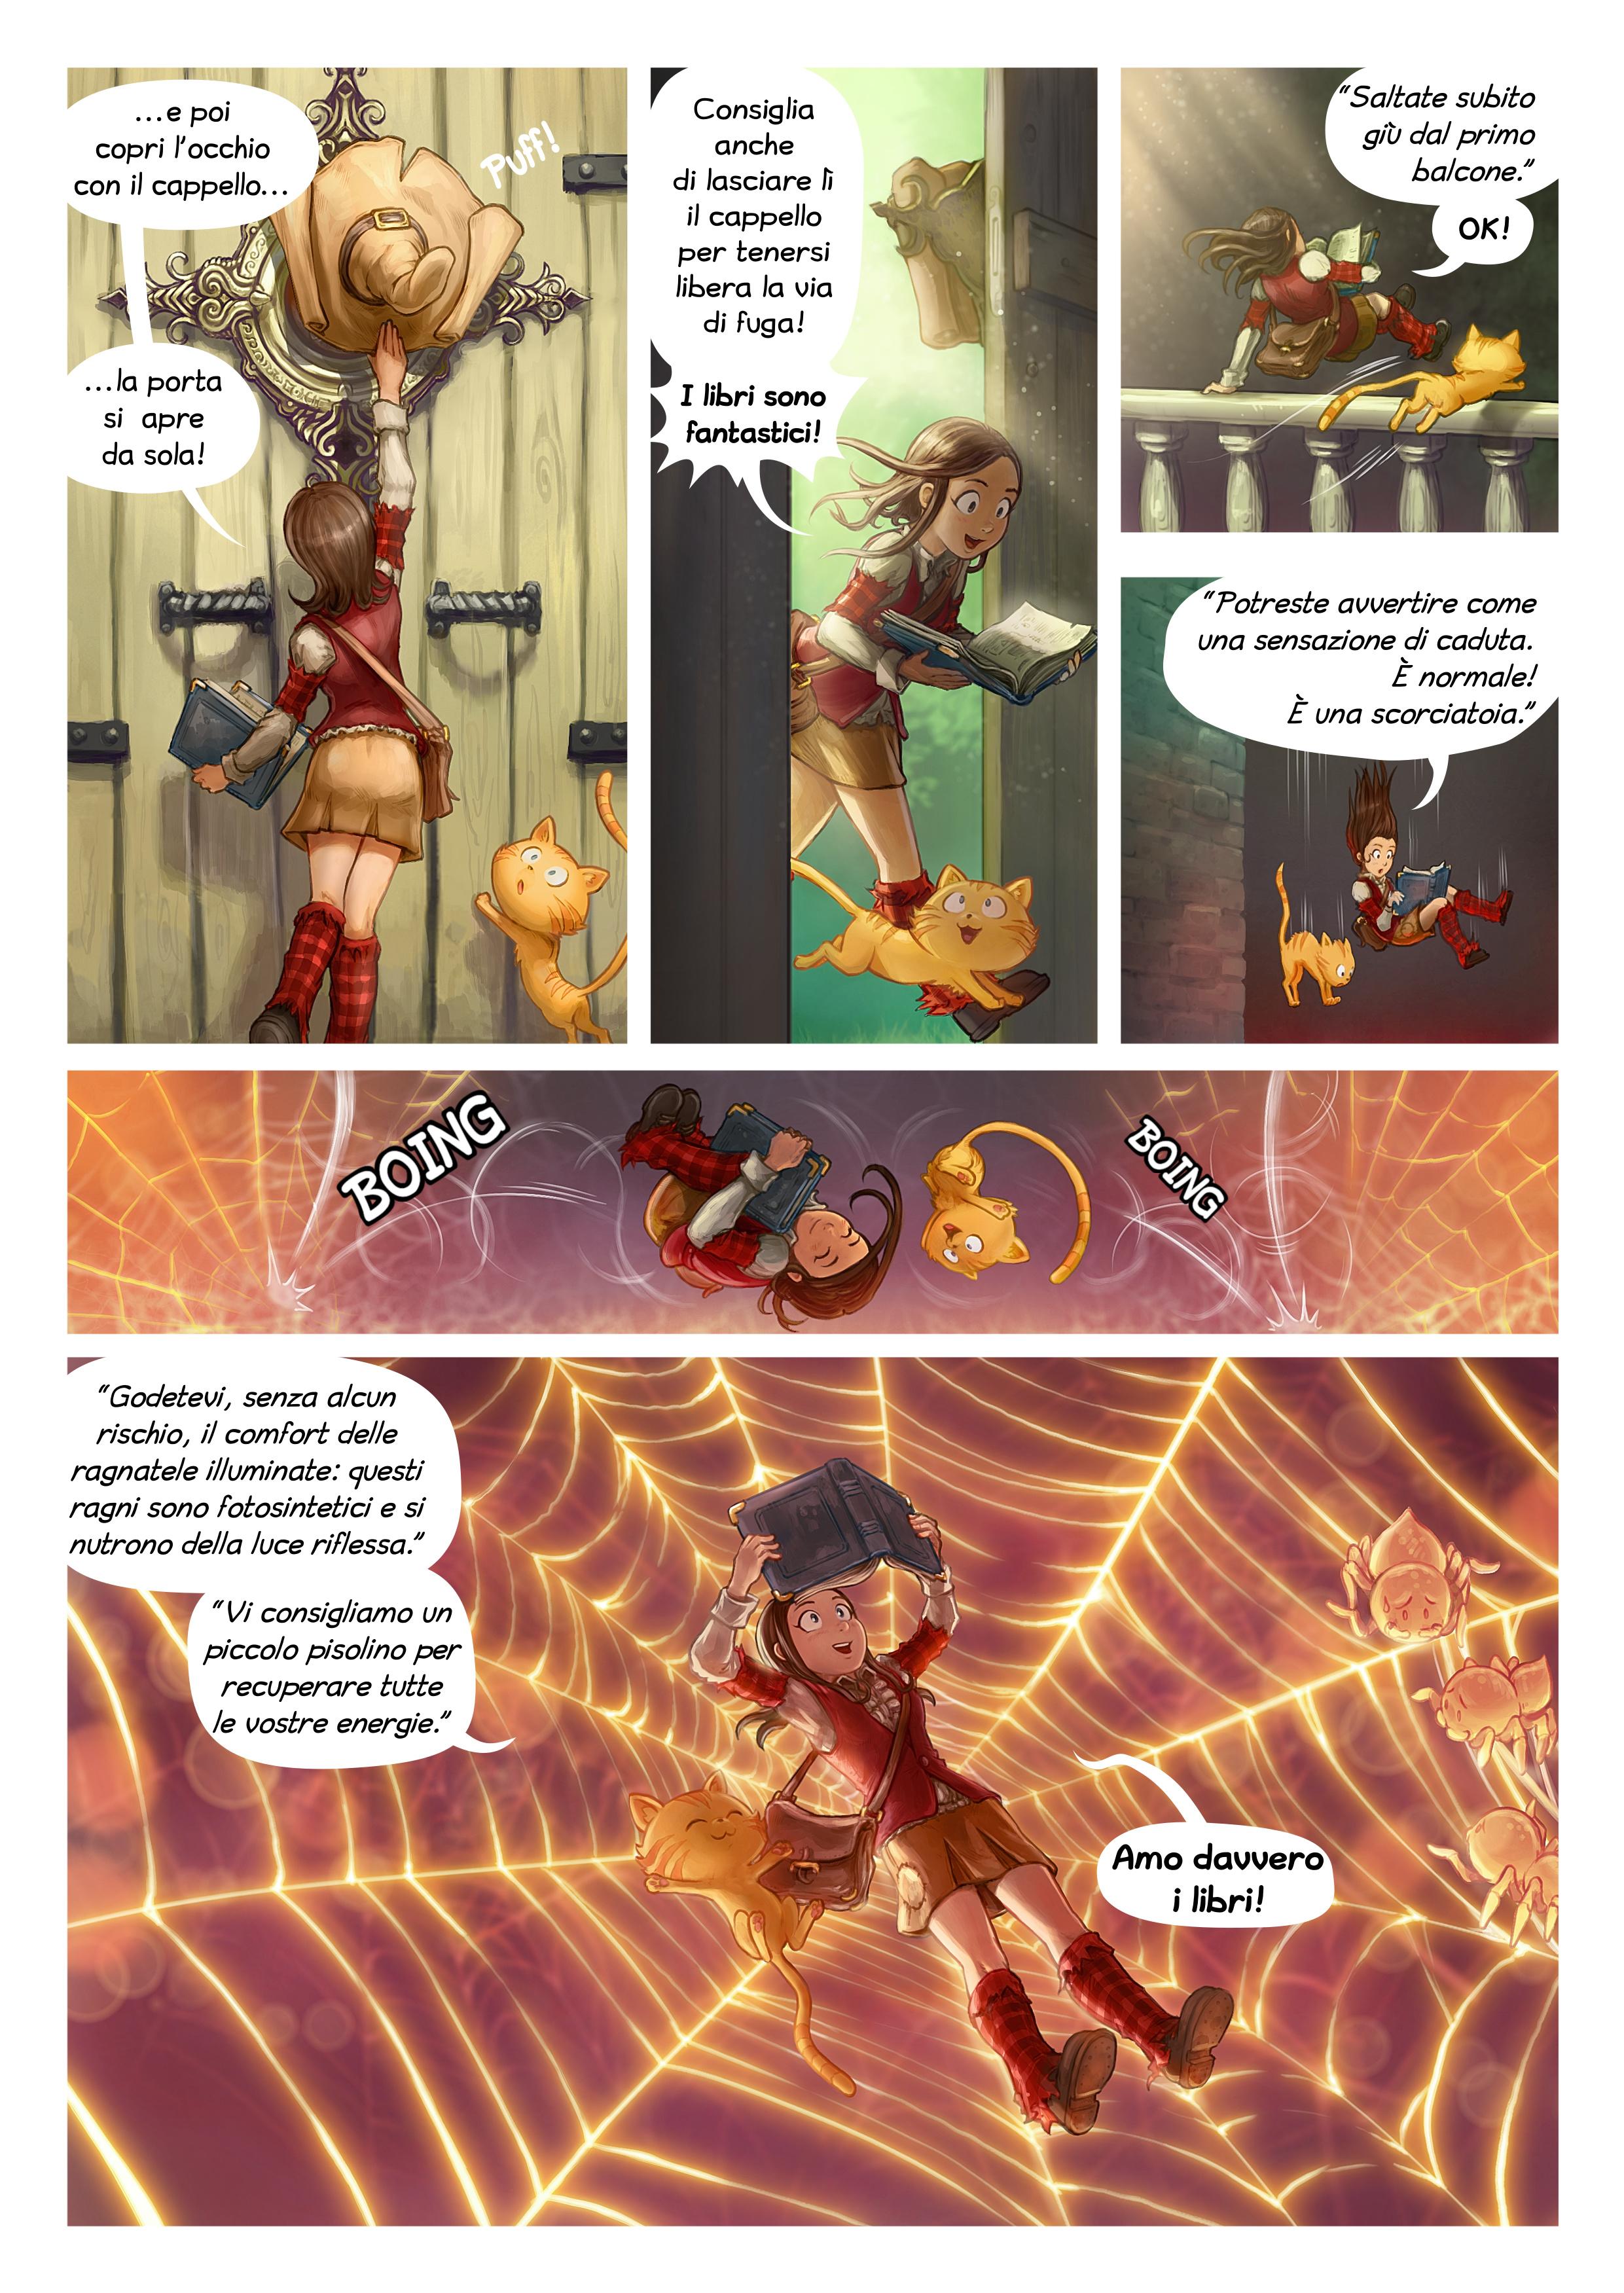 Episodio 26: I libri sono fantastici, Page 2